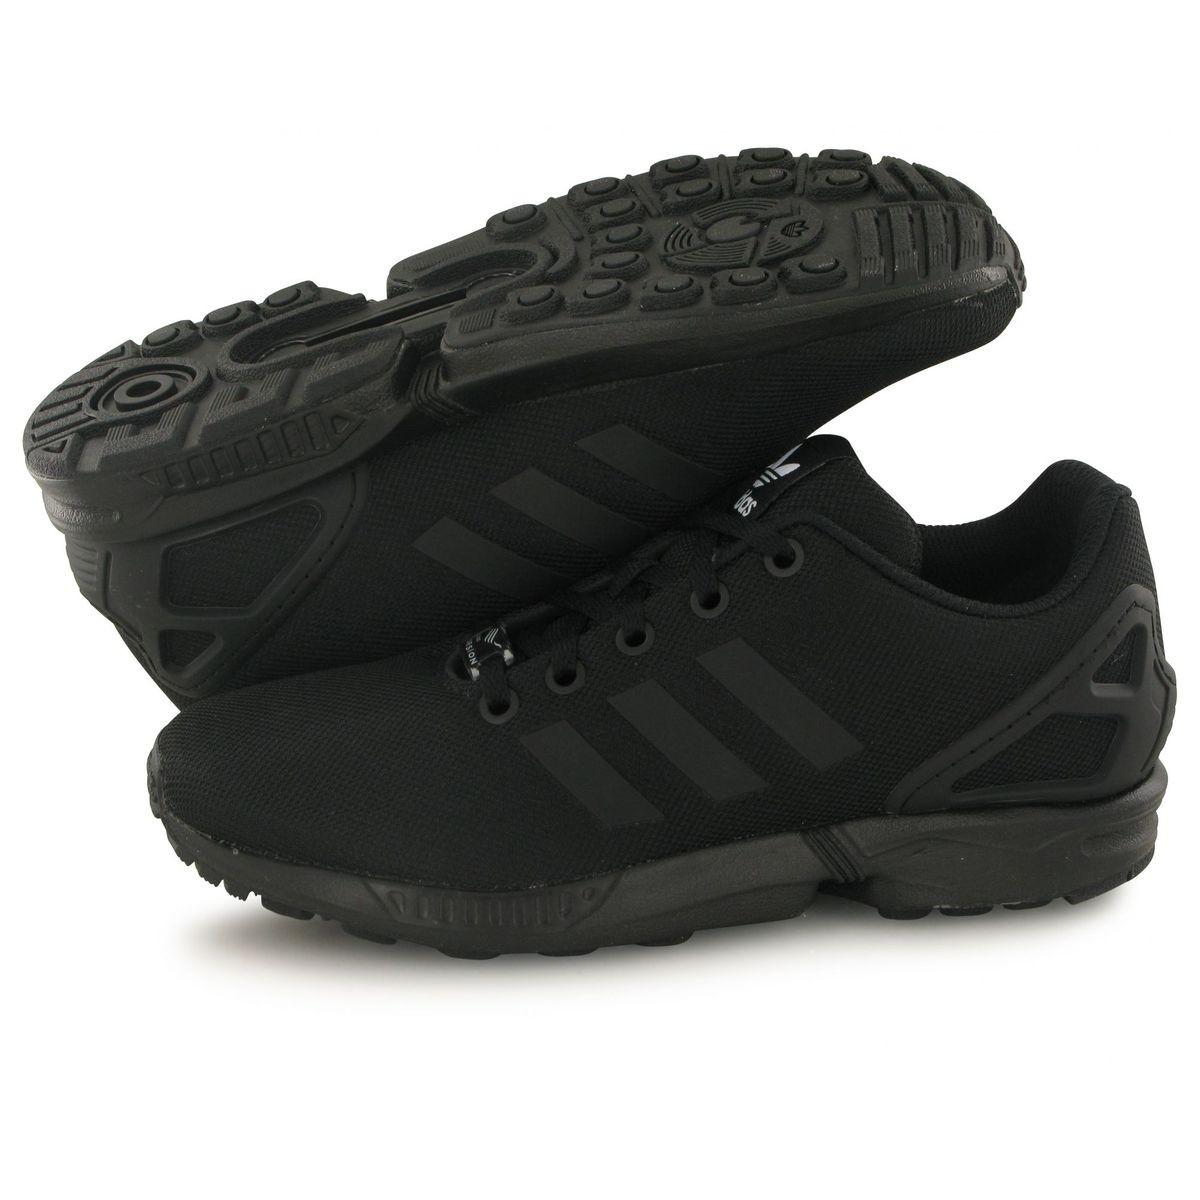 best authentic official shop quality design Baskets Adidas Zx Flux Noir Enfant - Taille : 37;40;36;39;38 ...